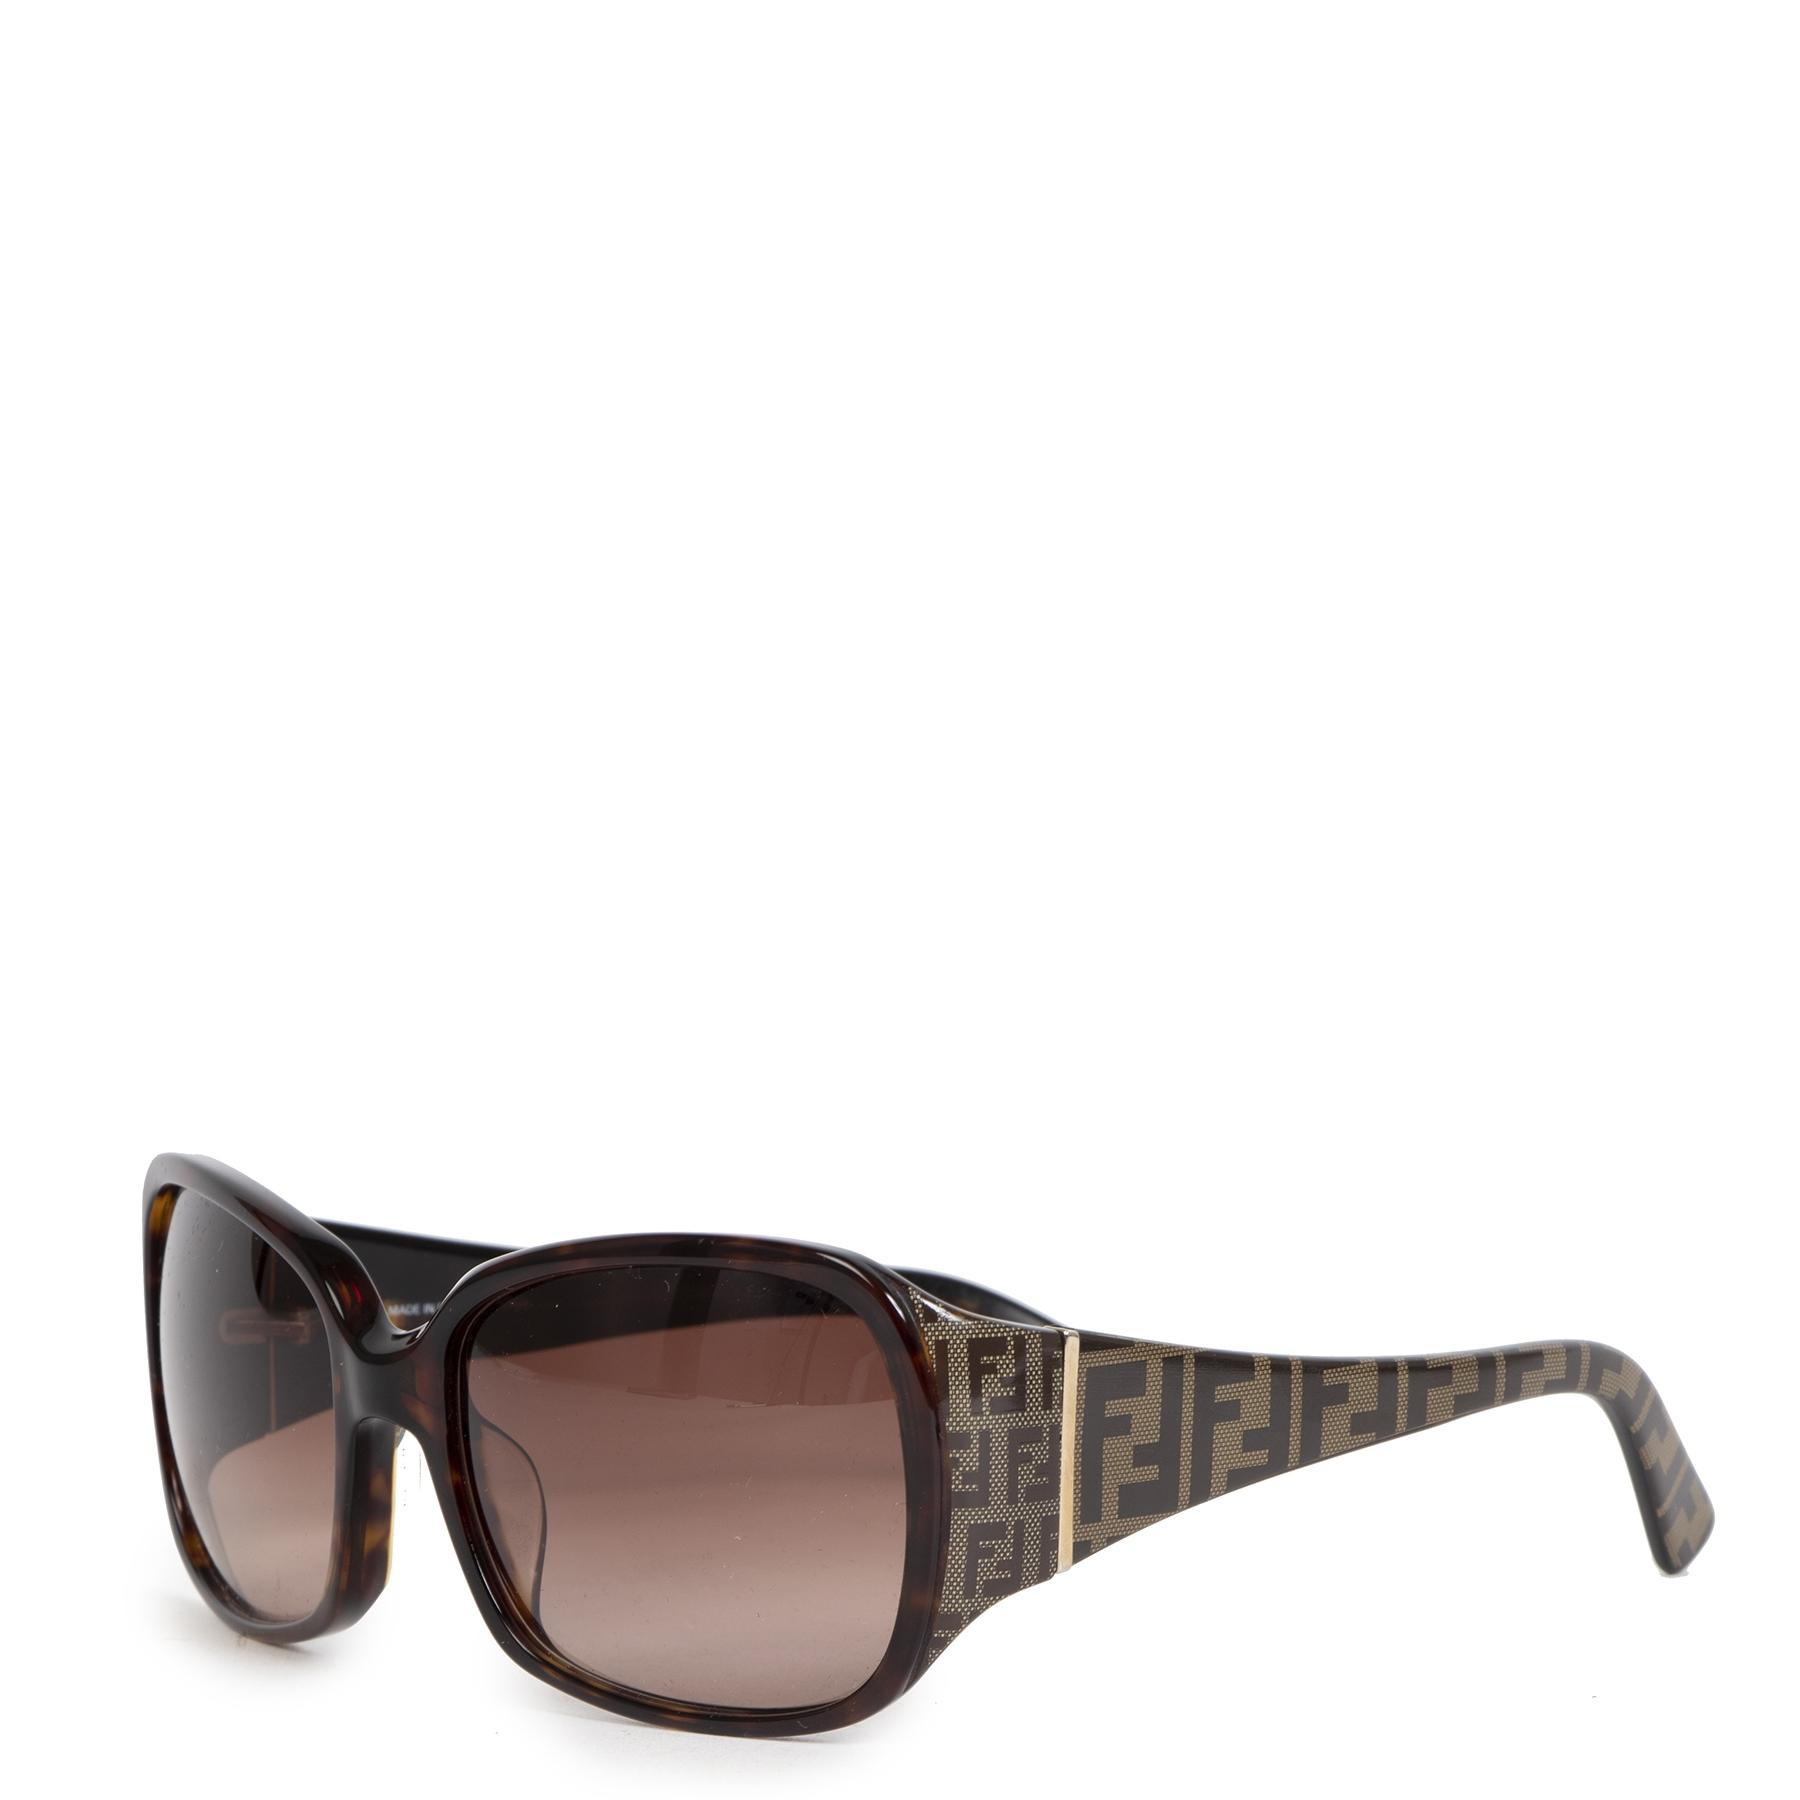 Authentieke Tweedehands Fendi Brown Monogram Tortoise Sunglasses juiste prijs veilig online shoppen luxe merken webshop winkelen Antwerpen België mode fashion